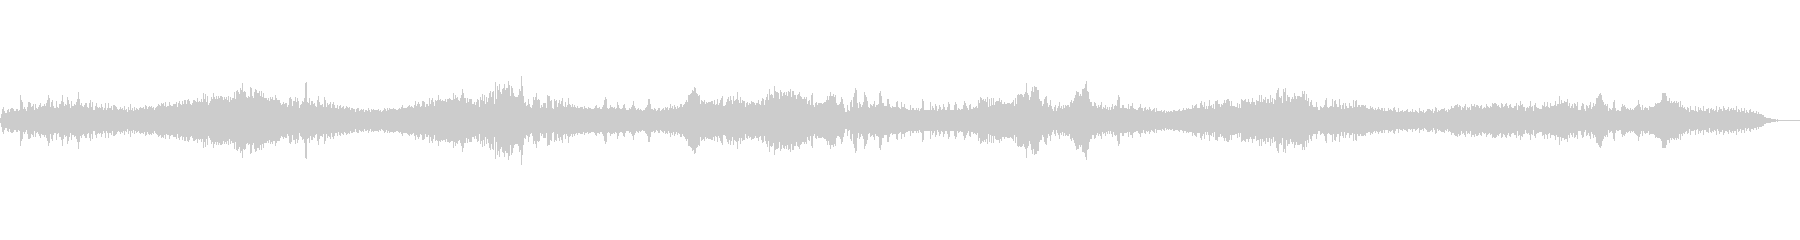 ミステリーチューン、電子、音楽、S...の未再生の波形